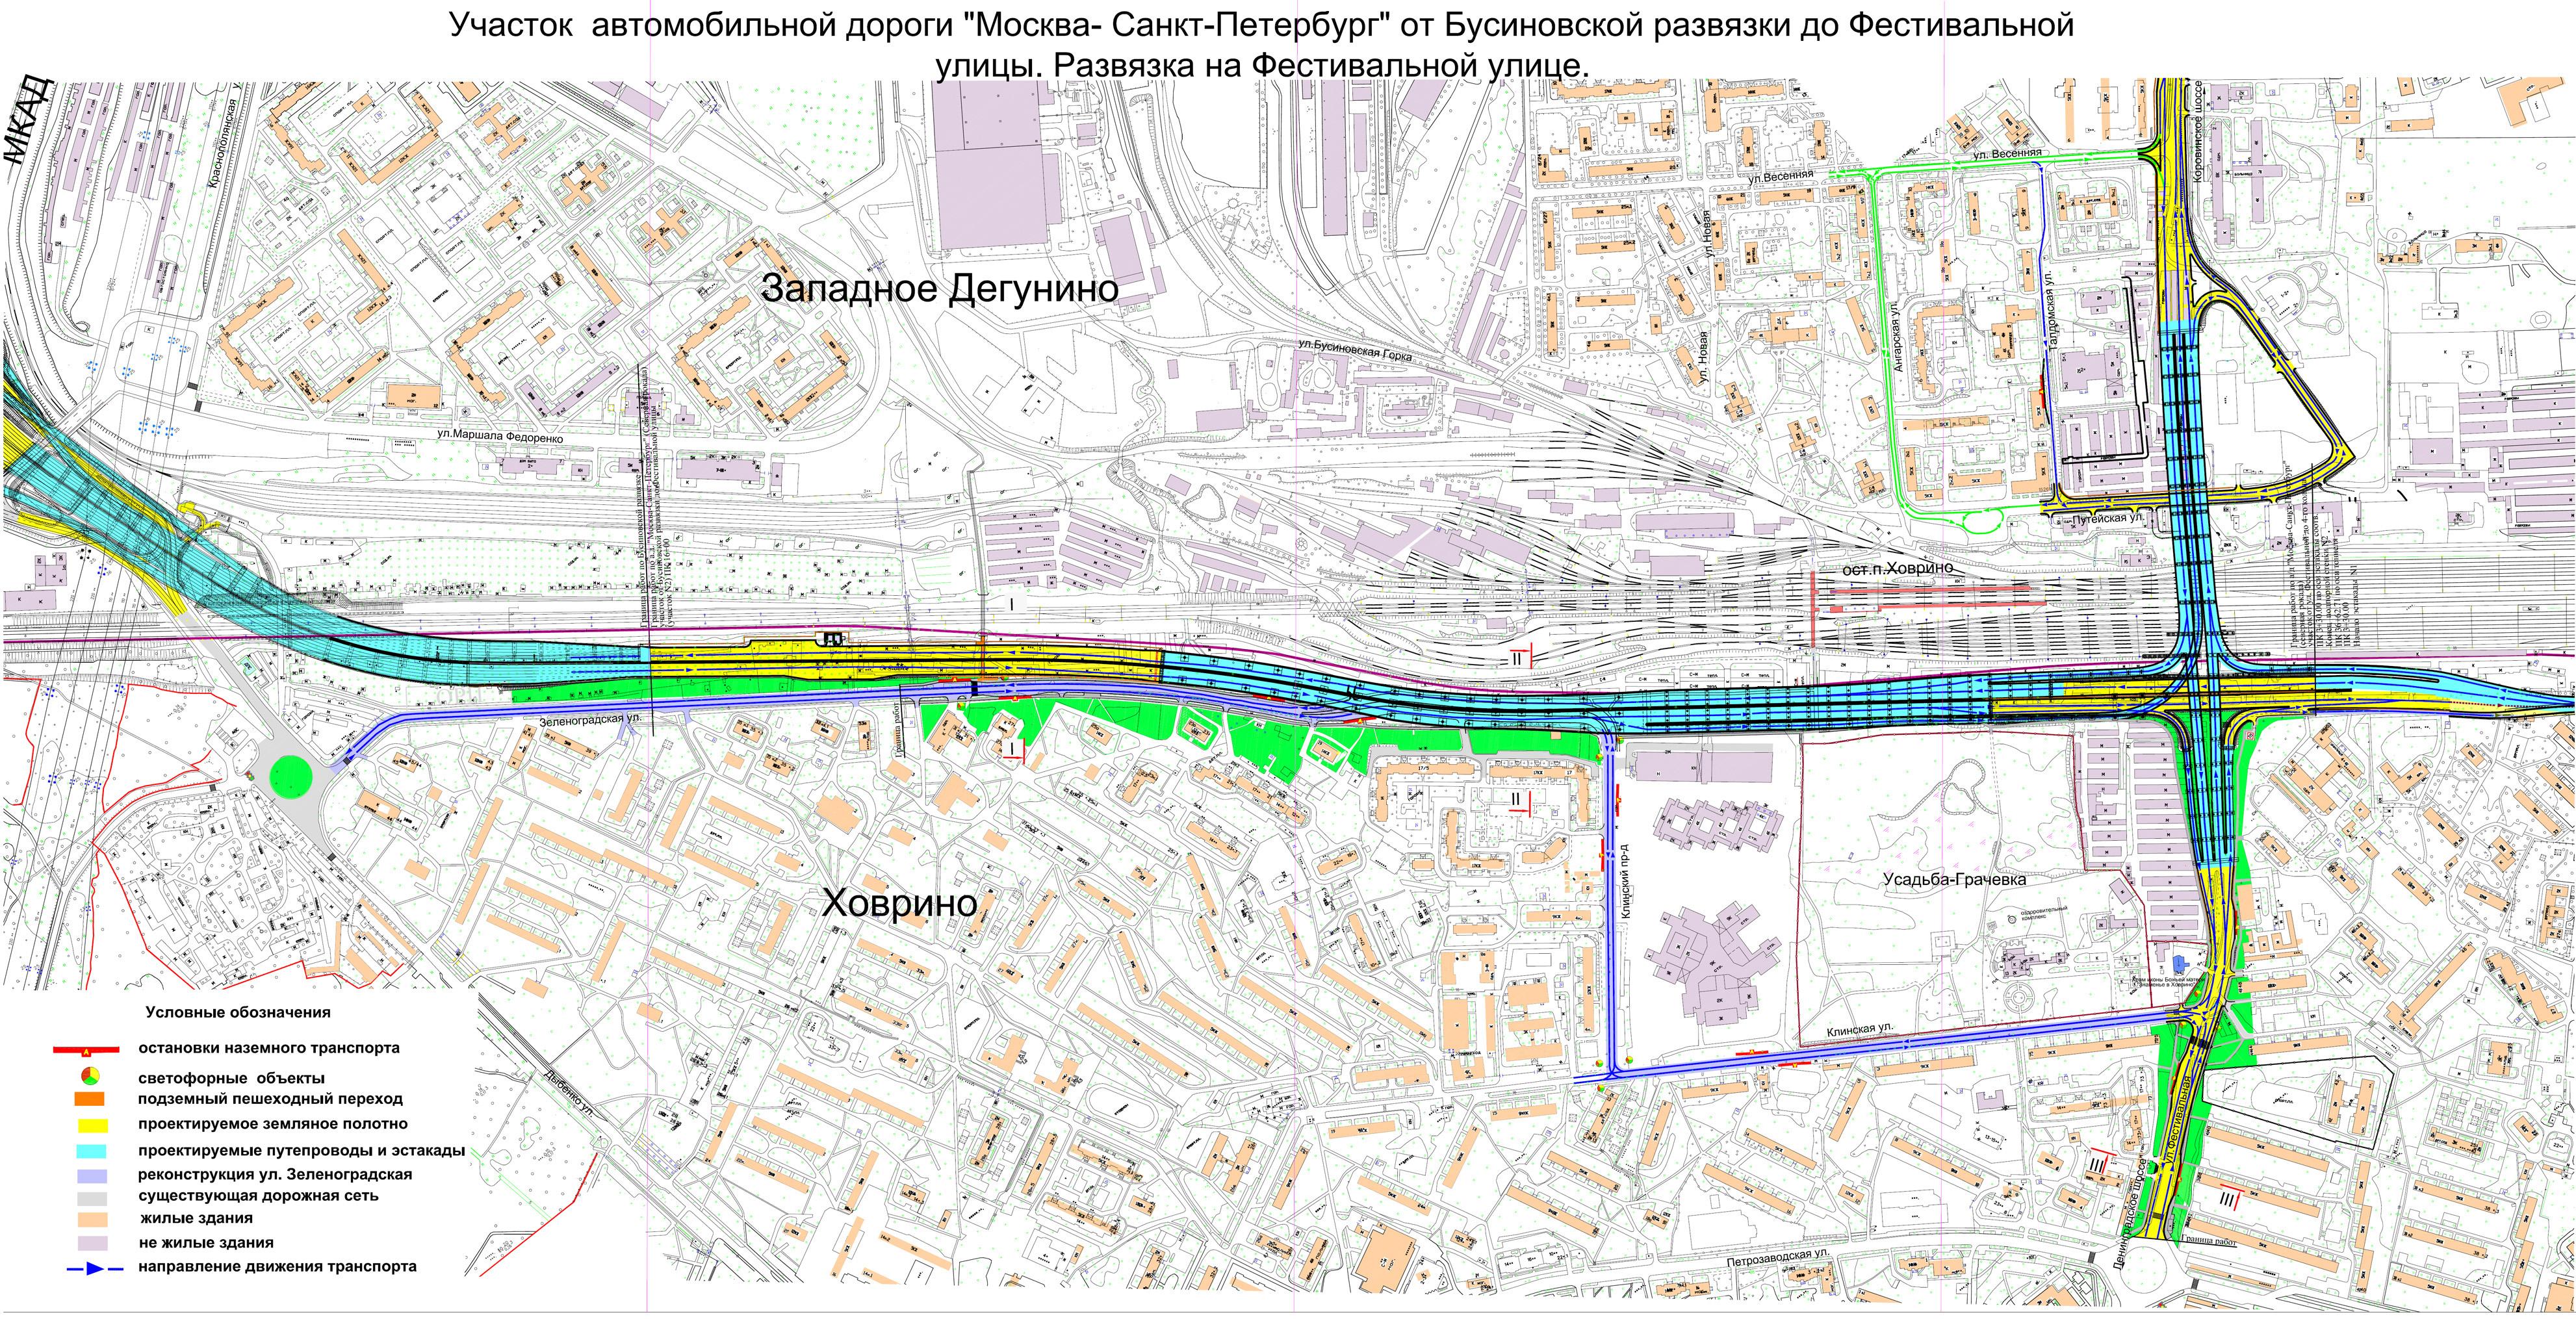 Схема проезда ярославское шоссе фото 682